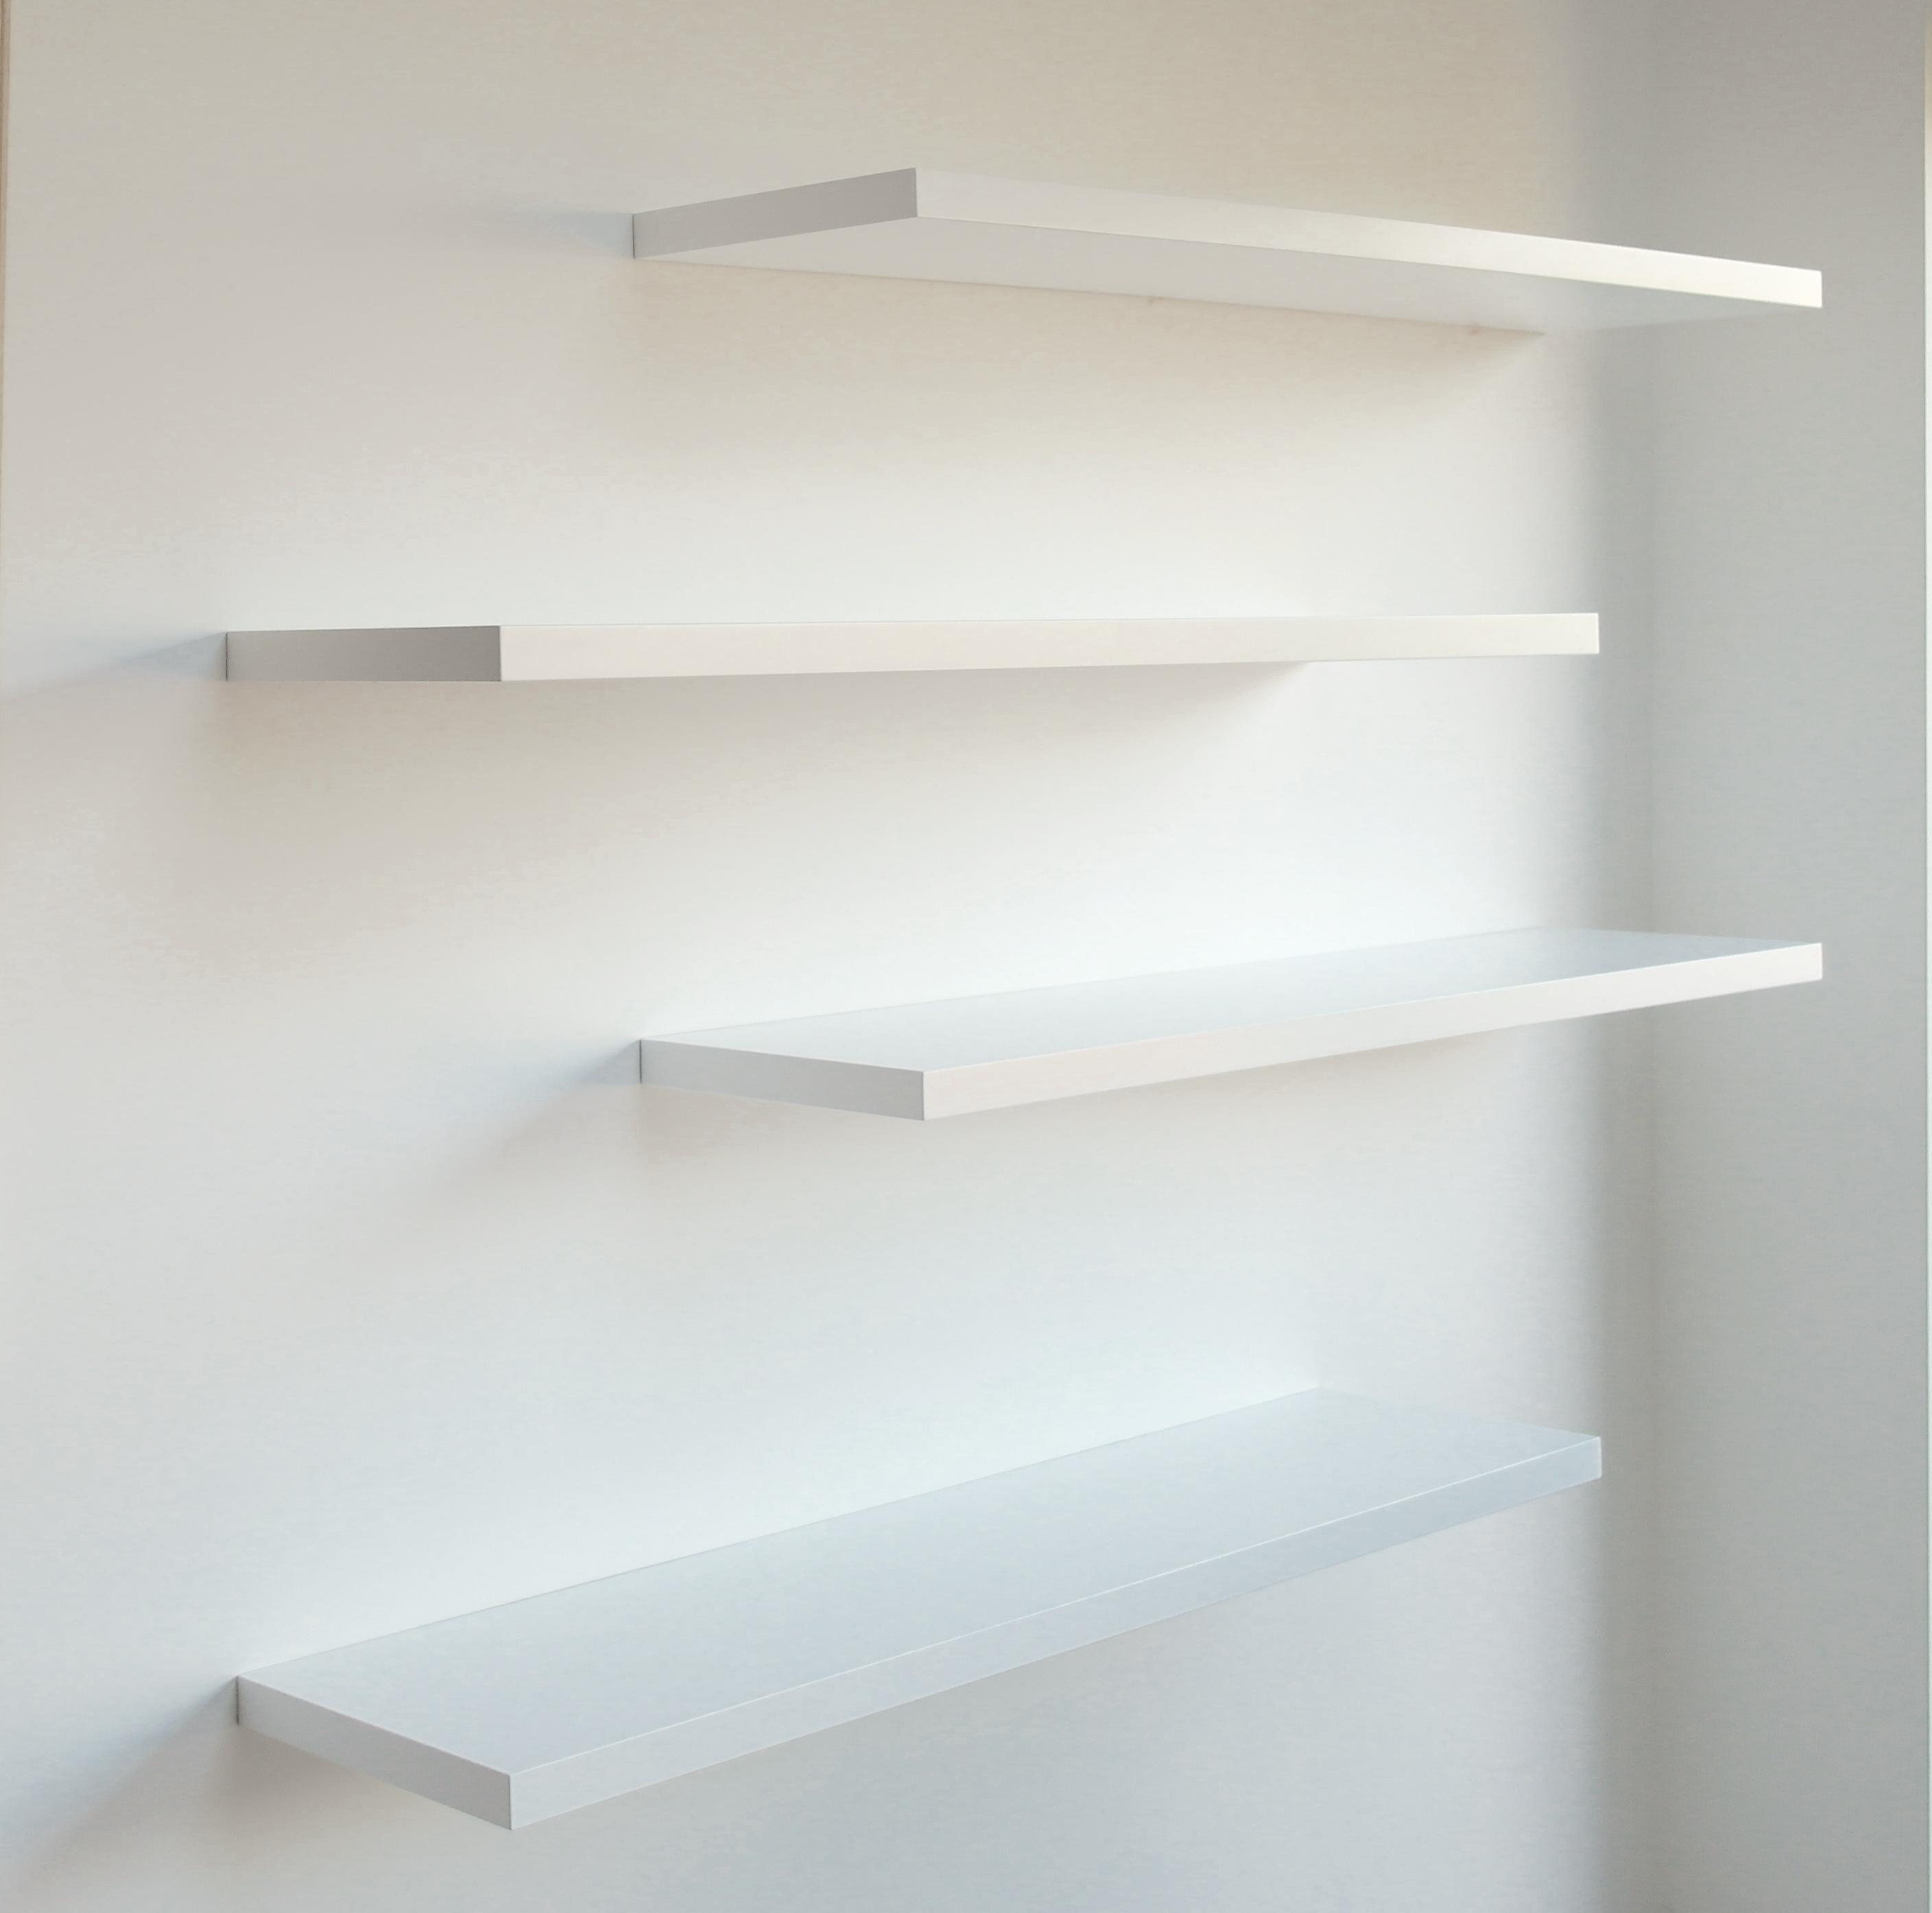 Gallery Of White Floating Shelves Bespoke Nature